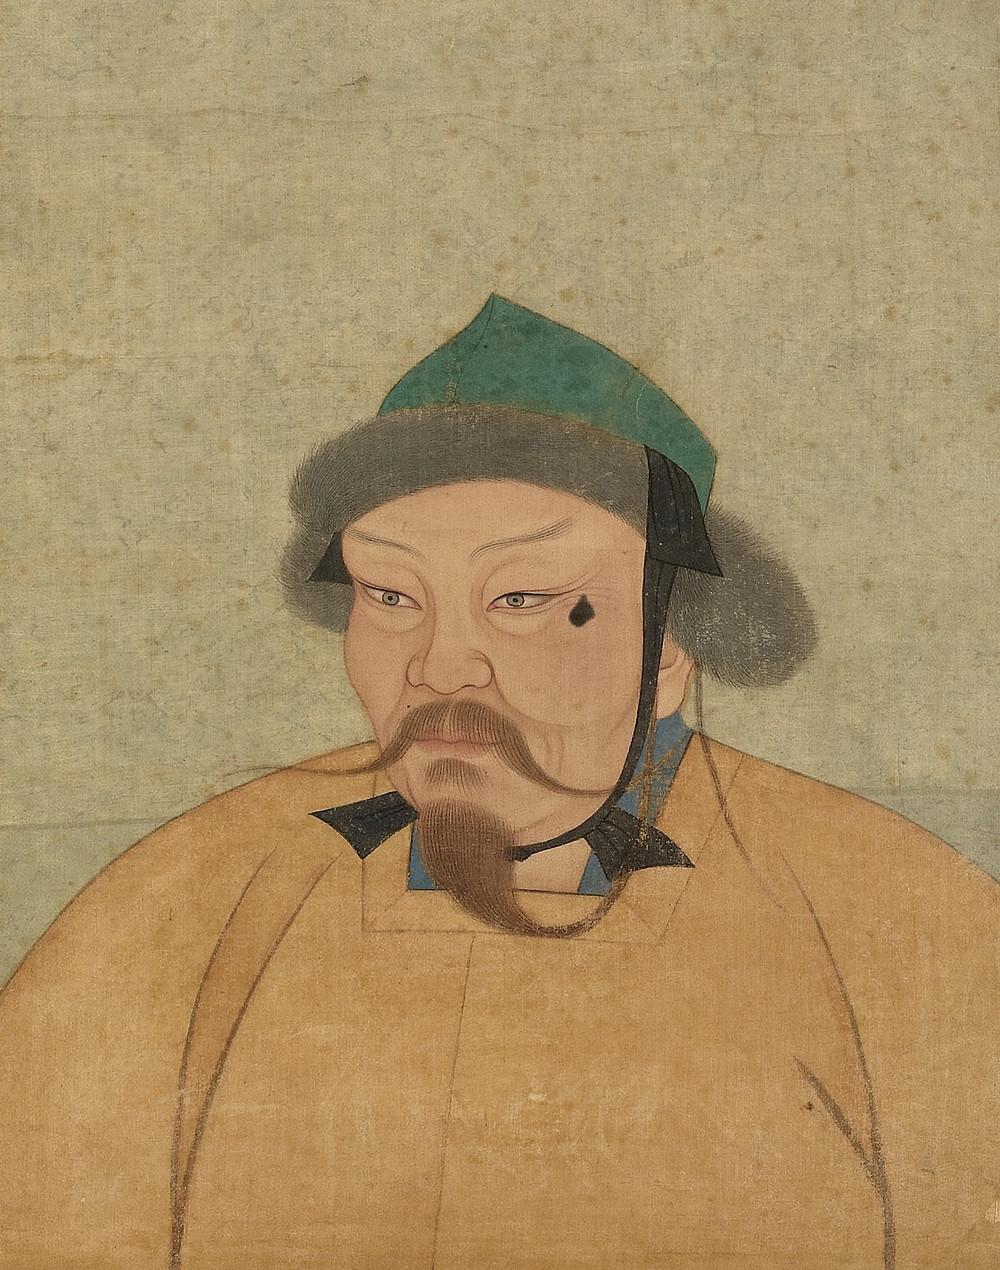 窩闊台汗 蒙古帝國第二位大汗